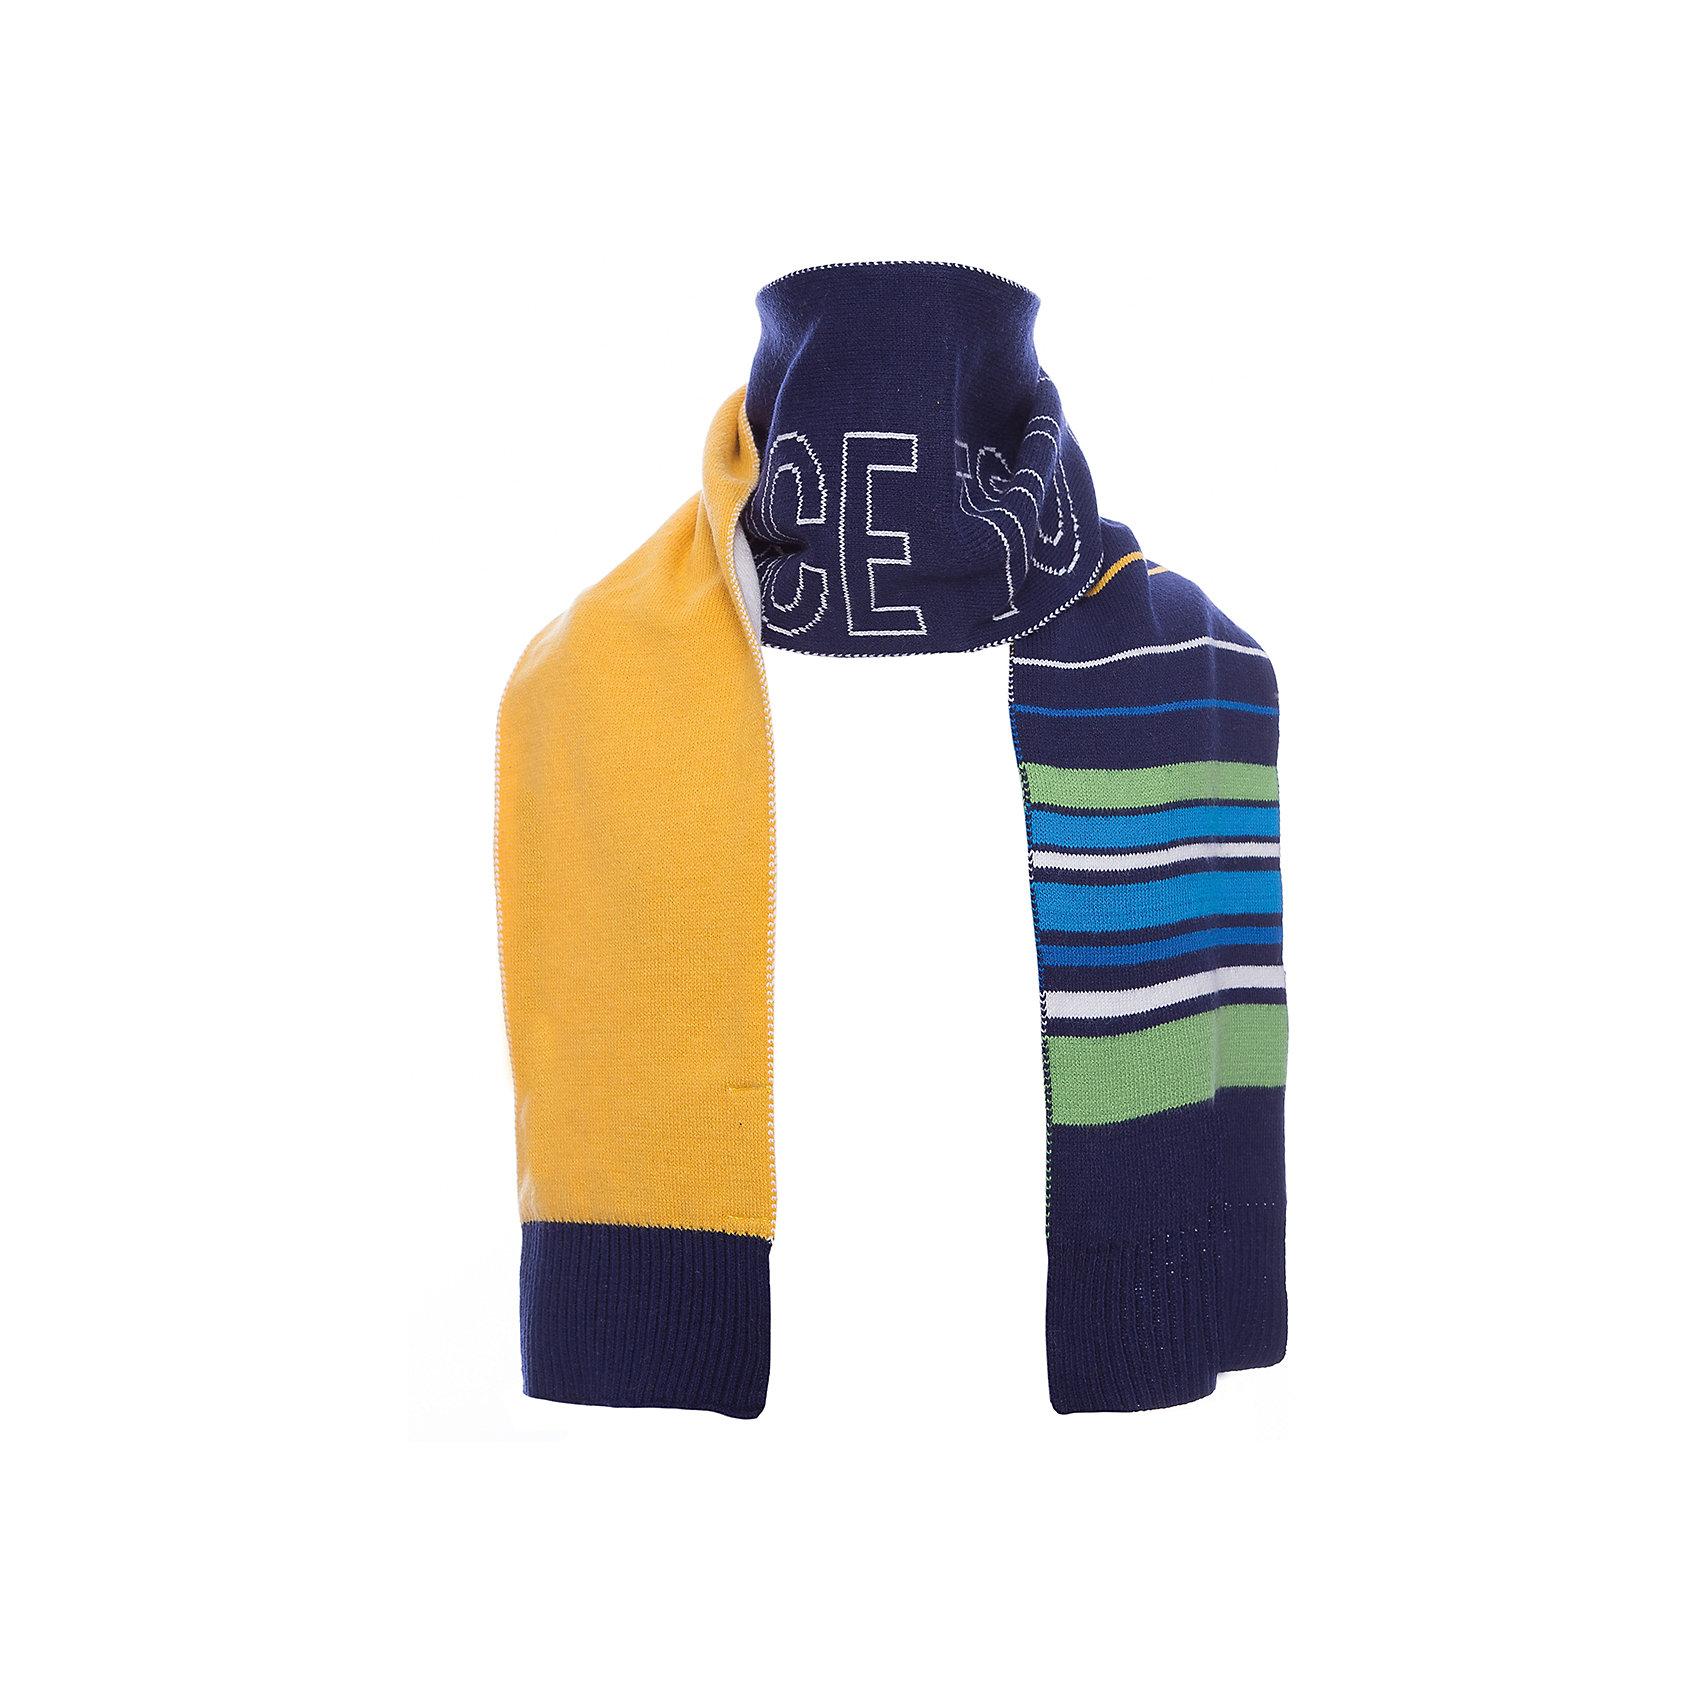 Шарф PlayToday для мальчикаШарфы, платки<br>Шарф PlayToday для мальчика<br>Стильный вязаный шарф согреет ребенка в промозглую погоду и дополнит образ. Модель выполнена в технике yarn dyed - в процессе производства используются разного цвета нити. При рекомендуемом уходе изделие не линяет и надолго остается в первоначальном виде. За счет высокого содержание в материале натурального хлопка шарф не вызывает раздражений нежной детской кожи.<br>Состав:<br>60% хлопок, 40% акрил<br><br>Ширина мм: 88<br>Глубина мм: 155<br>Высота мм: 26<br>Вес г: 106<br>Цвет: белый<br>Возраст от месяцев: 36<br>Возраст до месяцев: 96<br>Пол: Мужской<br>Возраст: Детский<br>Размер: one size<br>SKU: 7110913